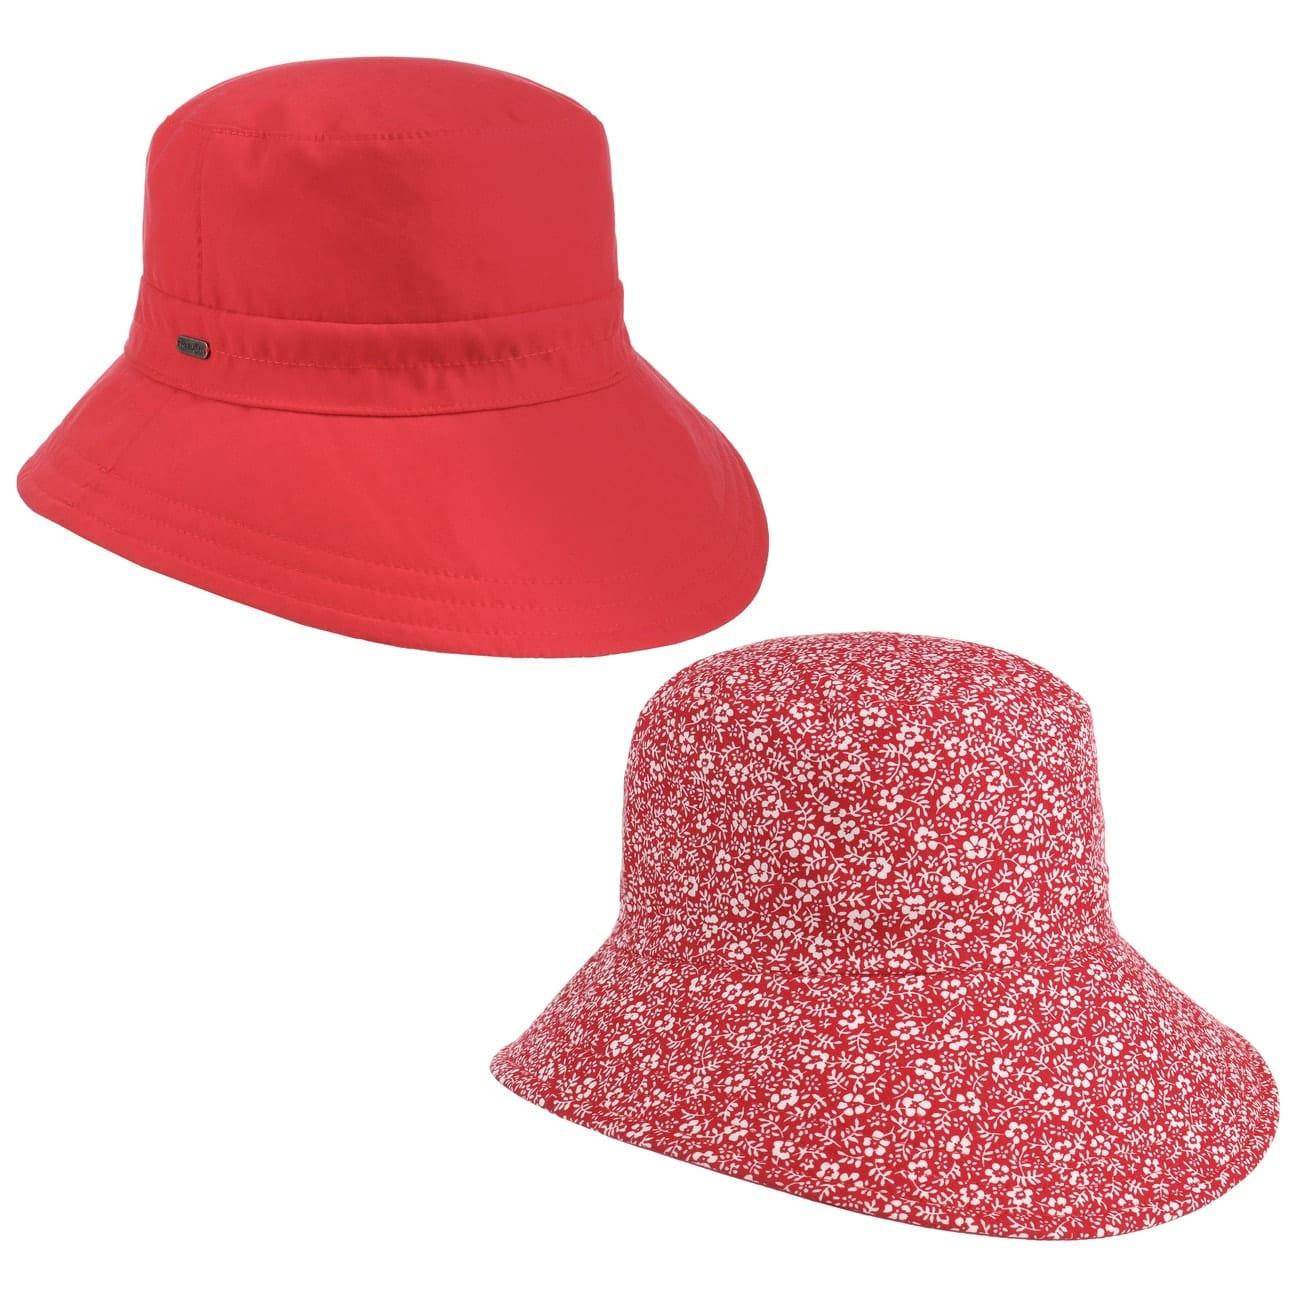 Chapeau Réversible Waterproof by McBURN  chapeau pour femme